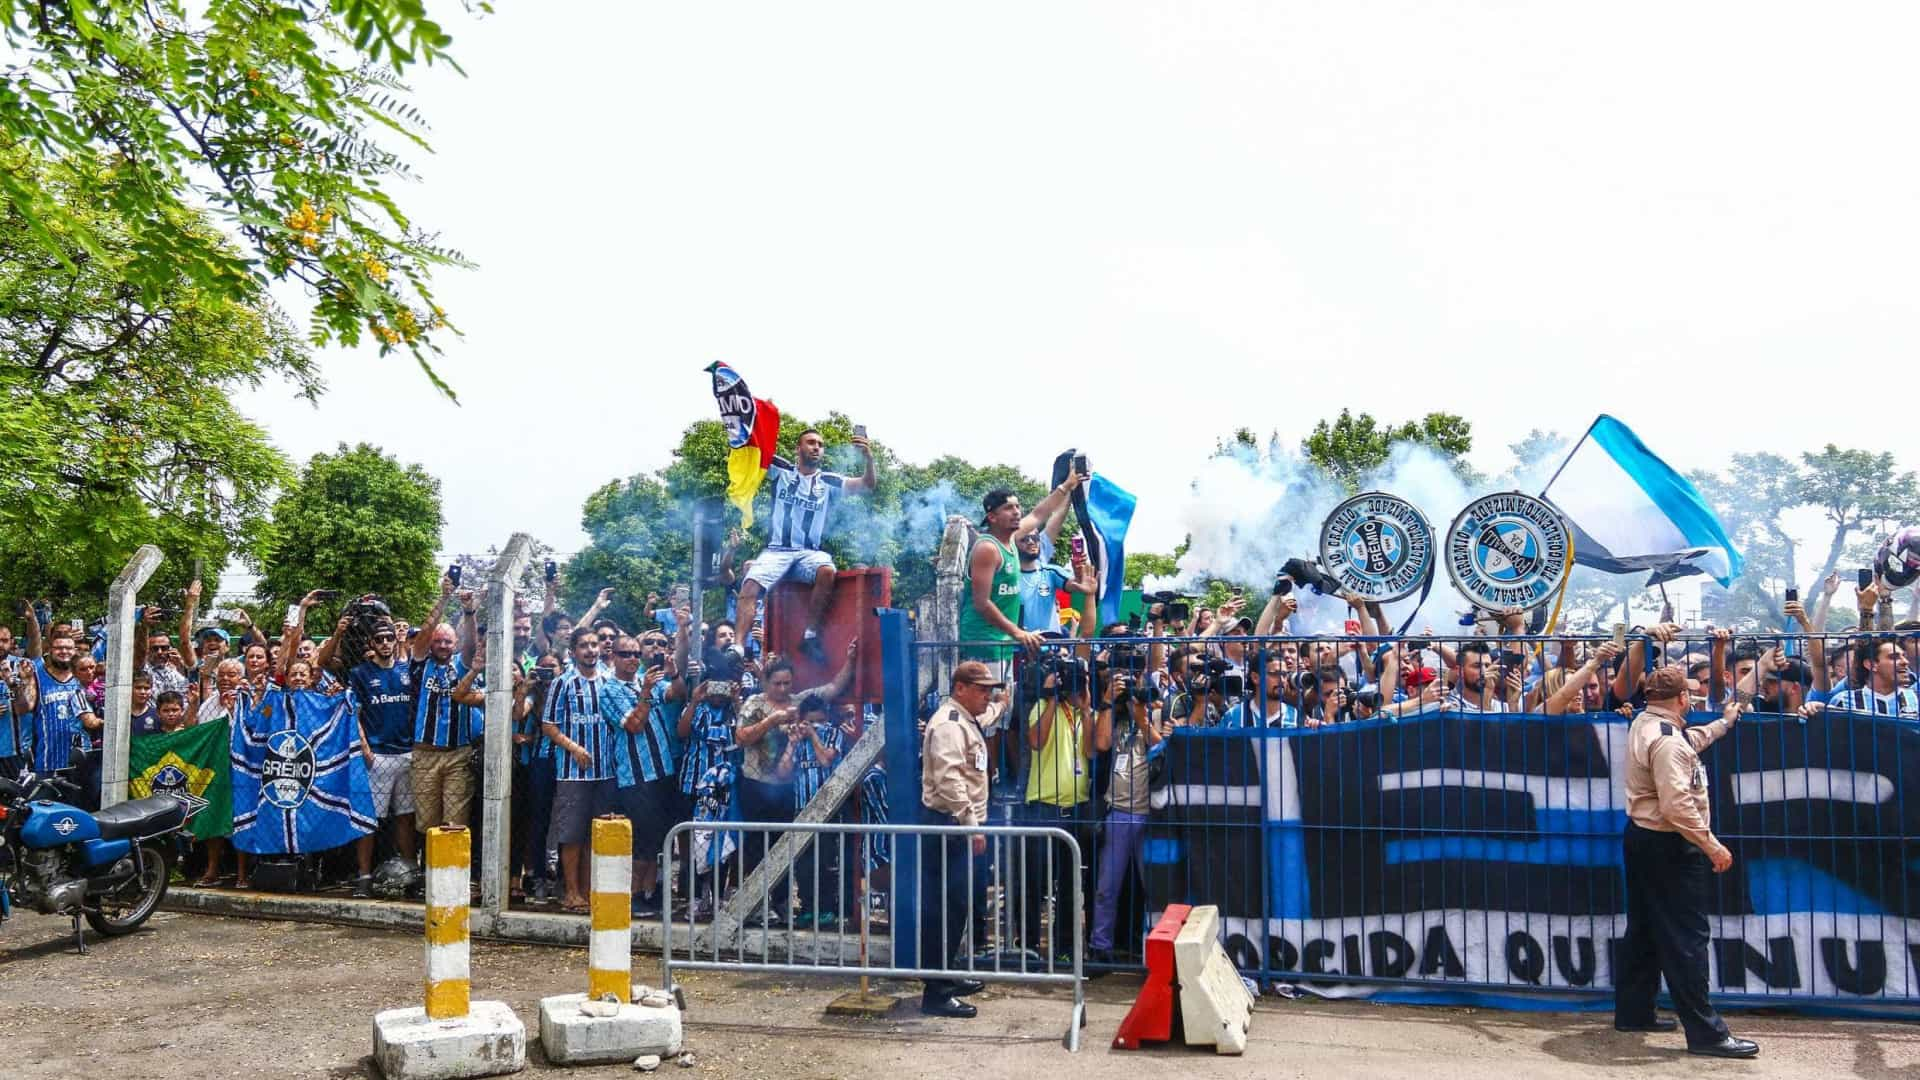 Grêmio teme violência em jogo final na Argentina; torcida terá escolta